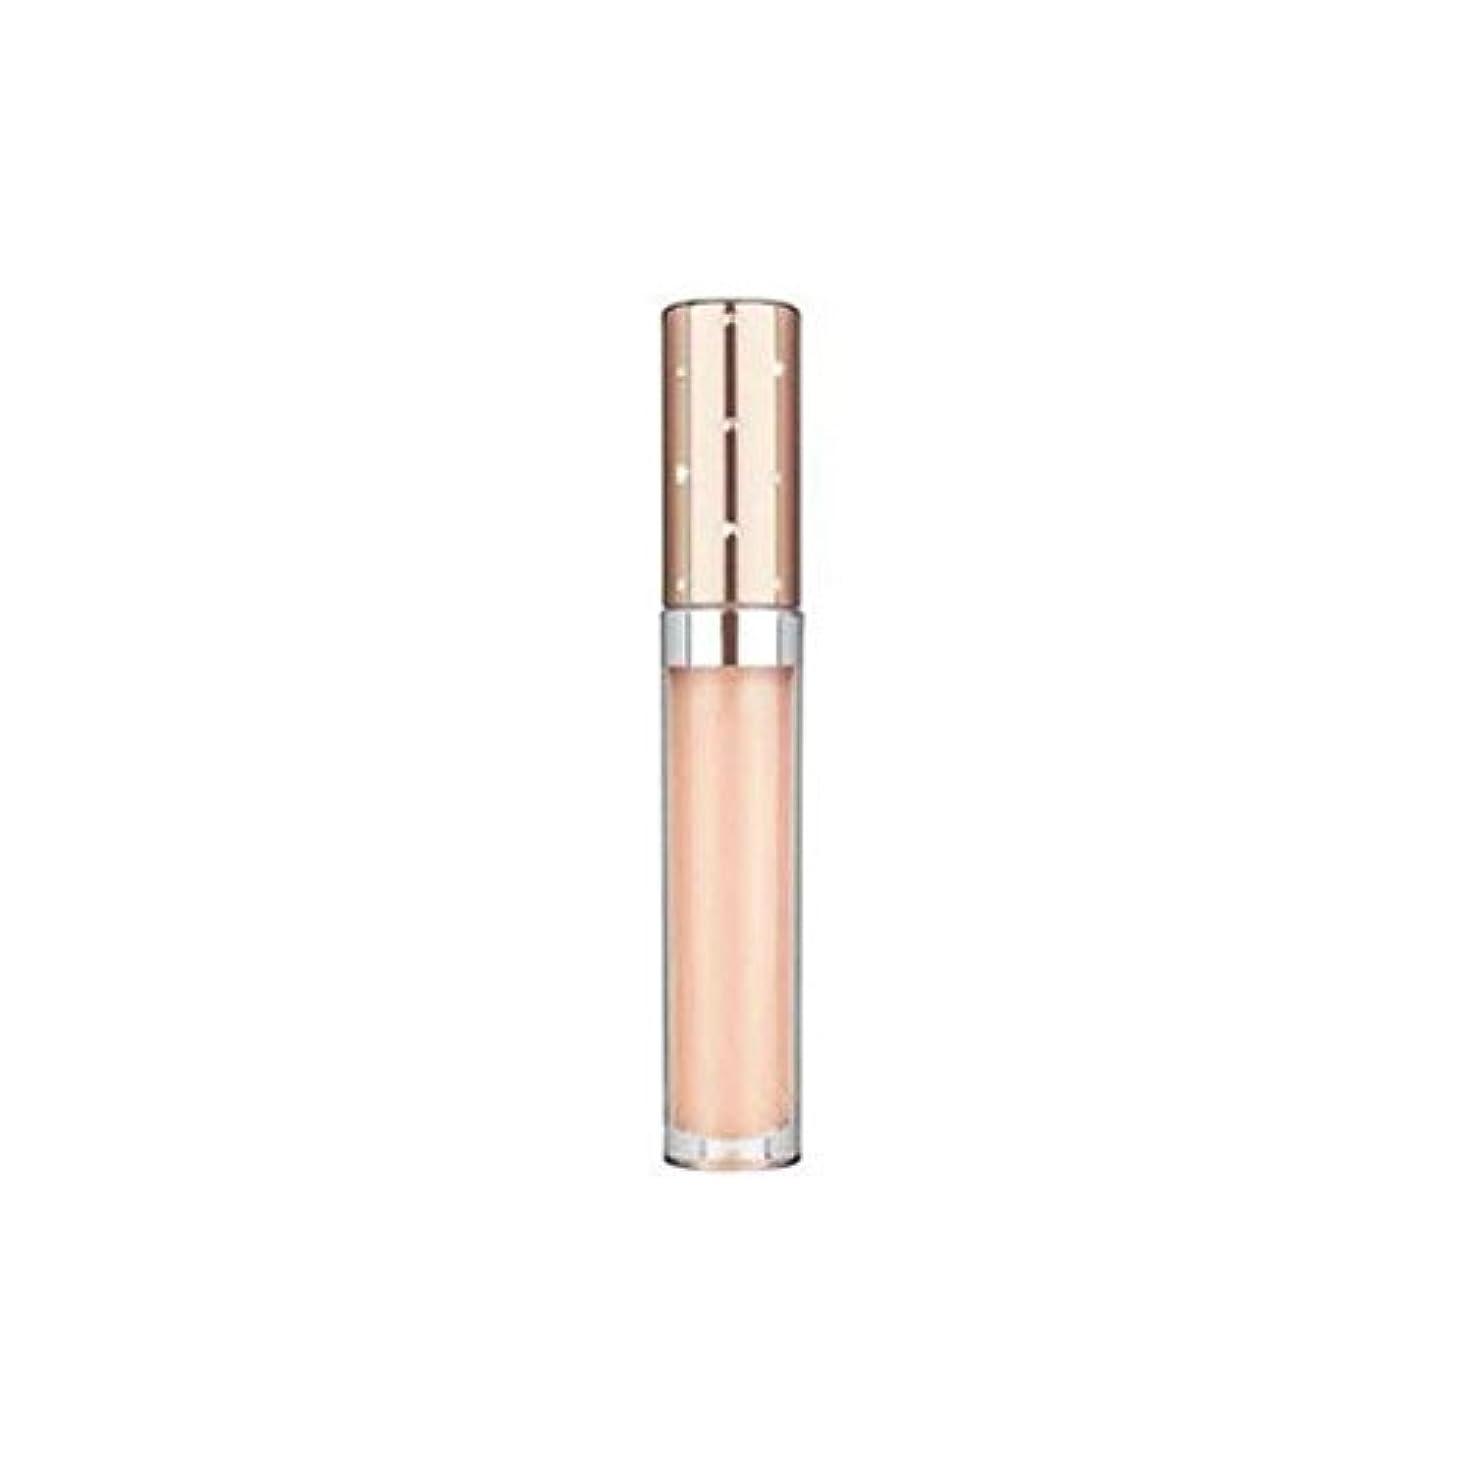 お肉堀鼻インスタントリップパーフェクション15(5ミリリットル) x2 - Nubo Instant Lip Perfection Spf15 (5ml) (Pack of 2) [並行輸入品]